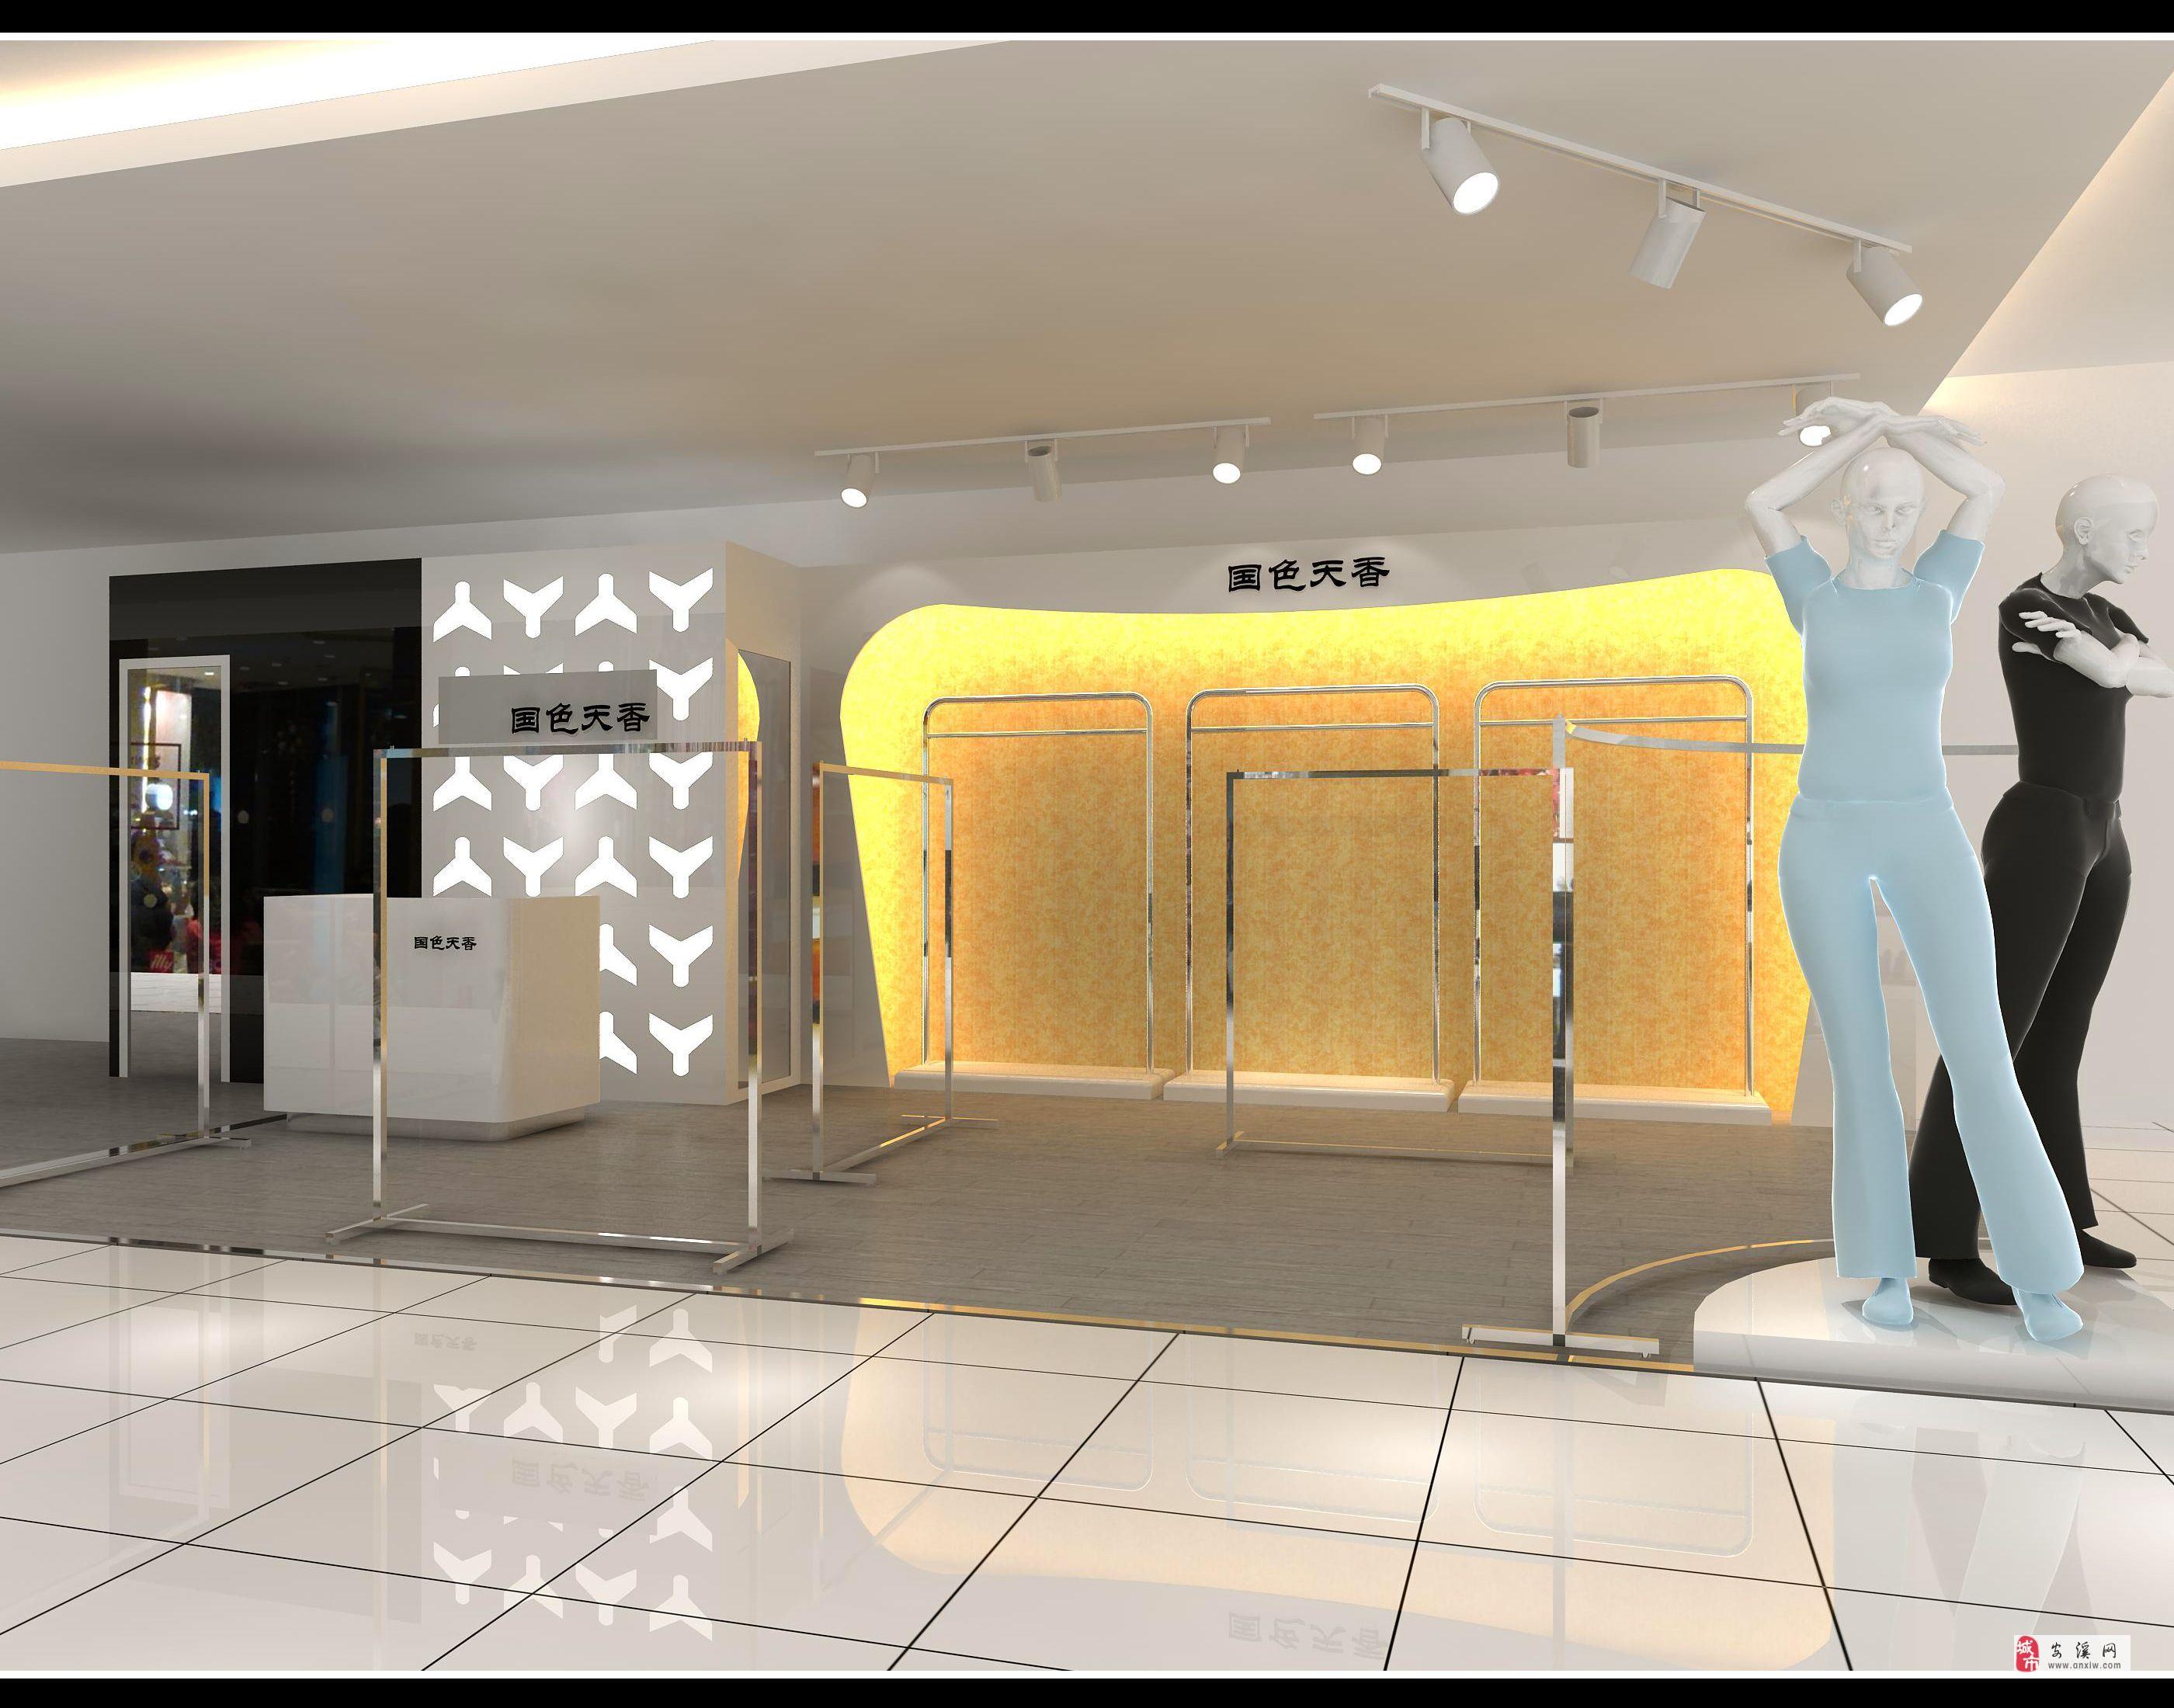 女装店货架,灯具,模特和衣架等转让,价格8000元